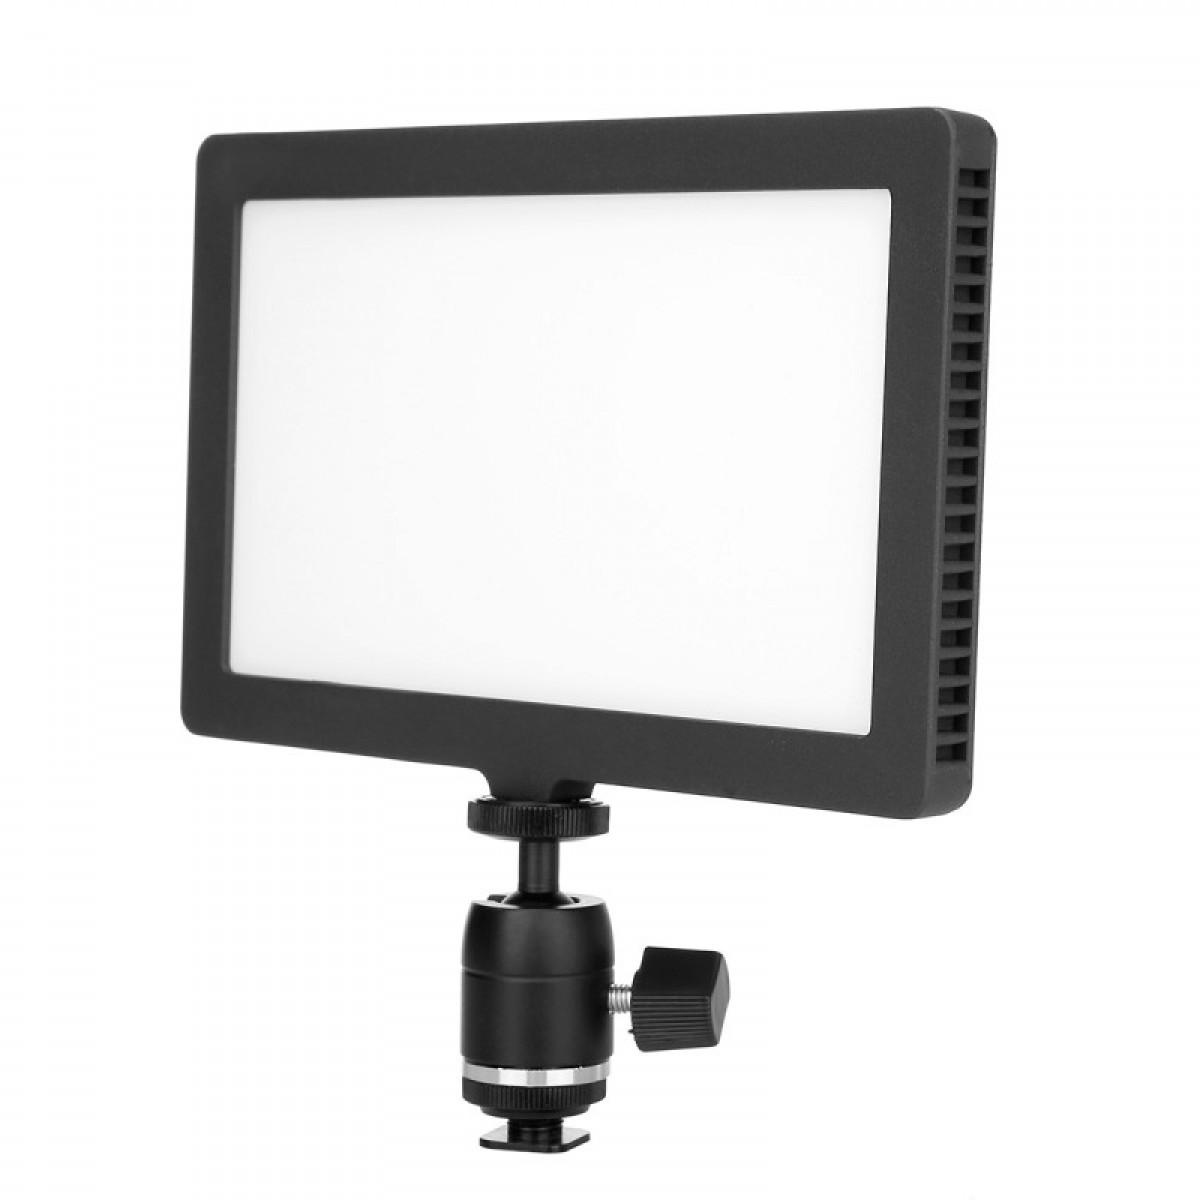 利帅 C-208AS 摄像灯LED摄影灯单反摄像机补光灯 人像常亮影视灯